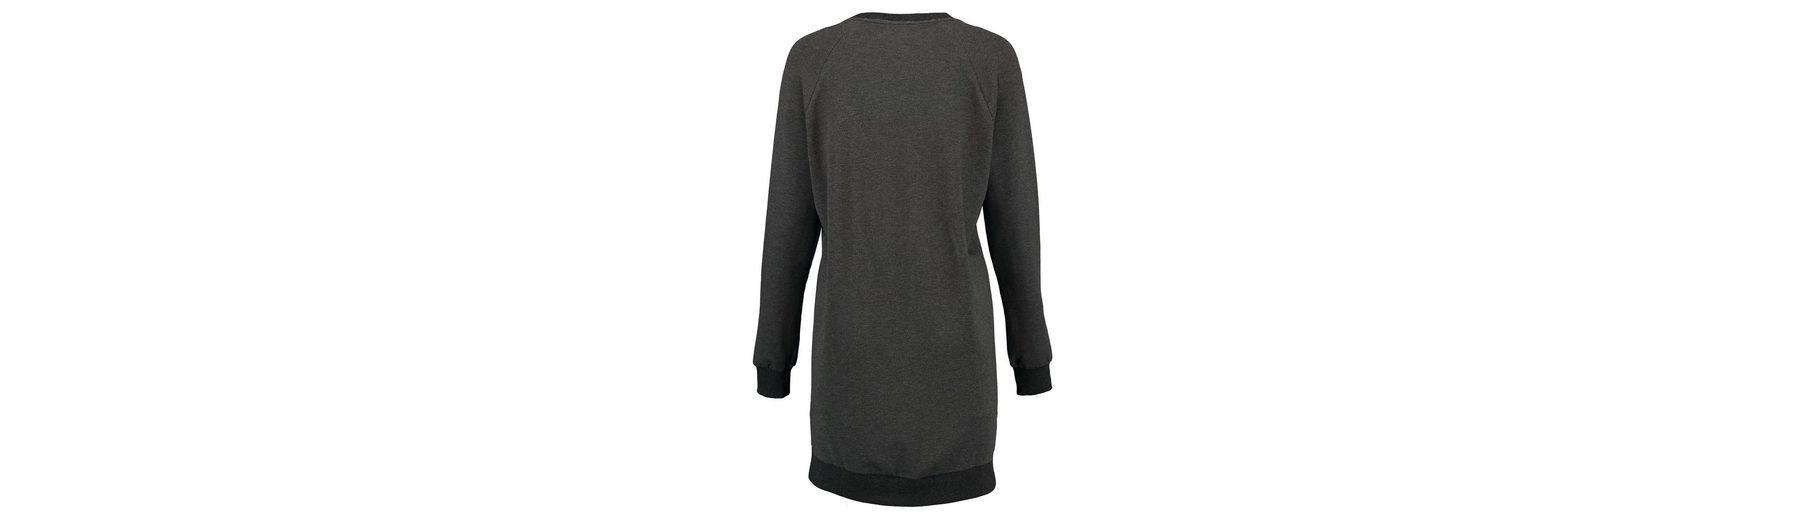 Versorgung Günstiger Preis O'Neill Kleid maxi Sweatshirt Erstaunlicher Preis Günstig Kaufen Preis 100% Garantiert 28tB0nOEEd